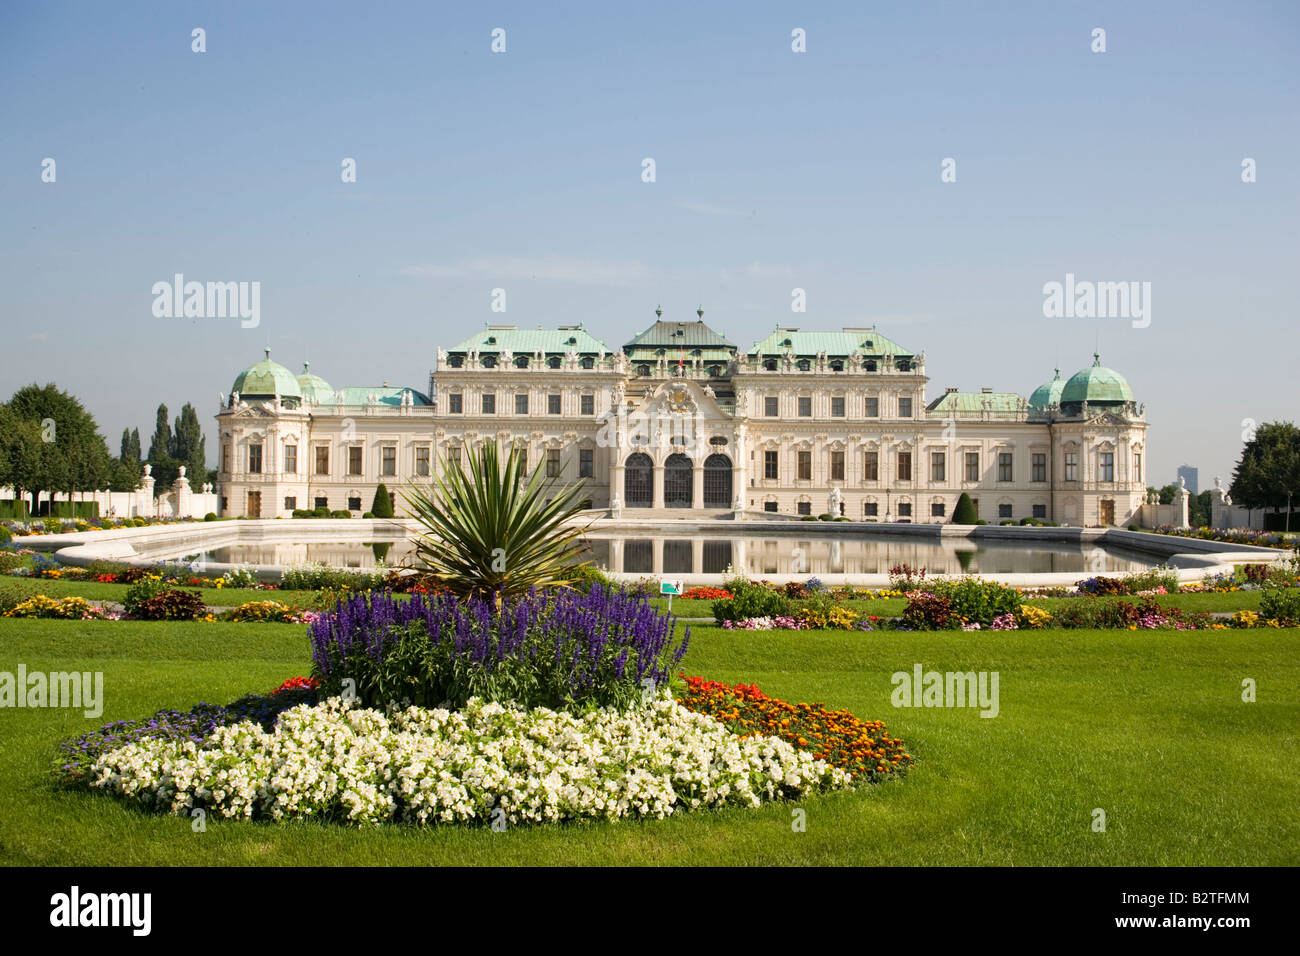 Schloss Belvedere, la maison du prince Eugène de Savoie, Vienne, Autriche Banque D'Images